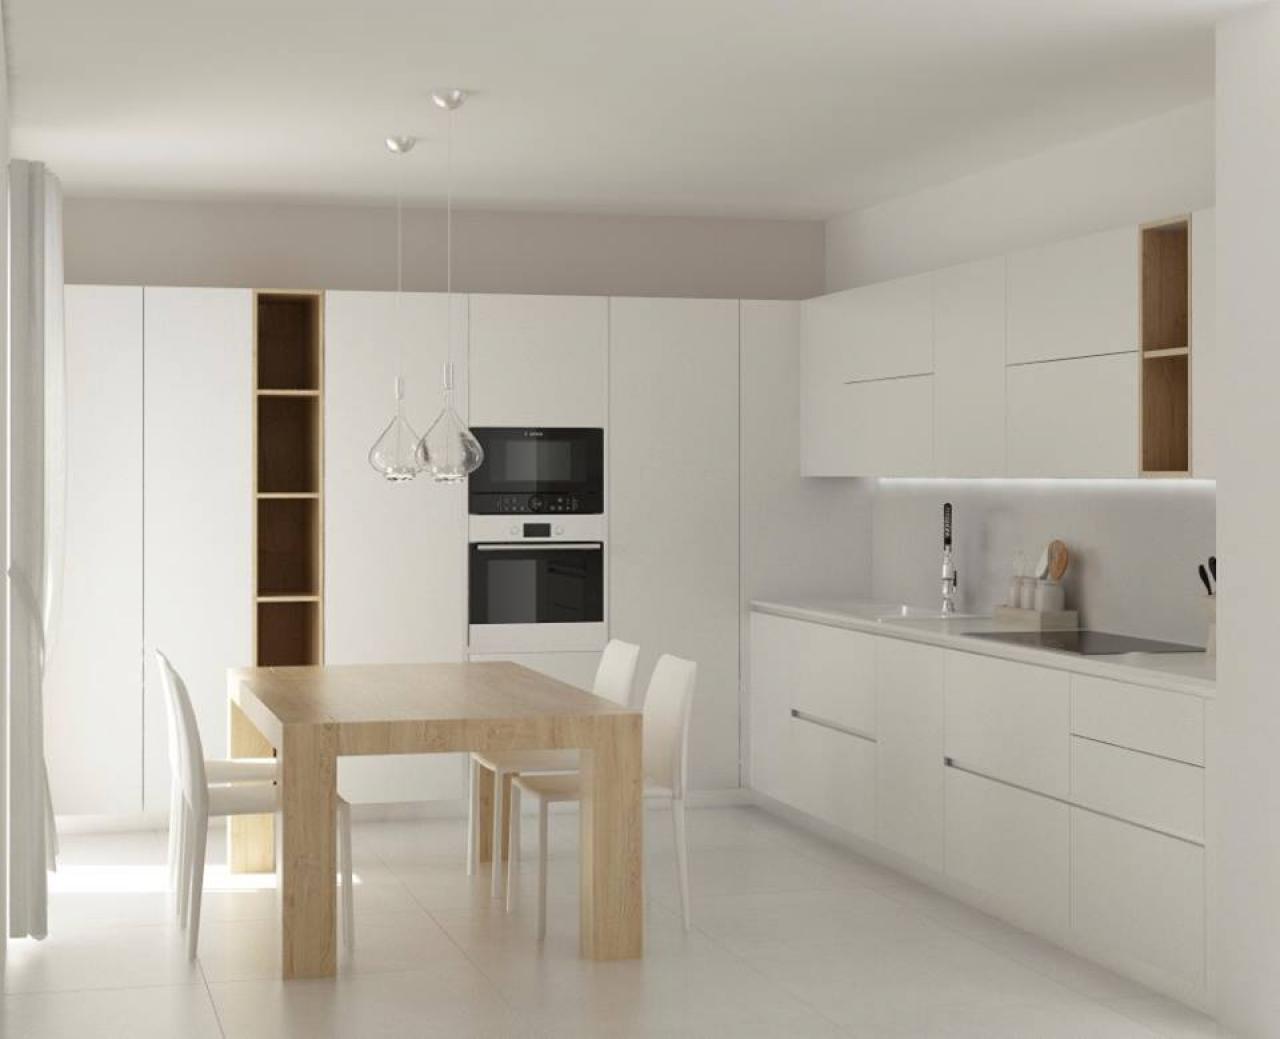 Cucina moderna tavolo separato o penisola fratelli pellizzari - Tavolo per cucina moderna ...